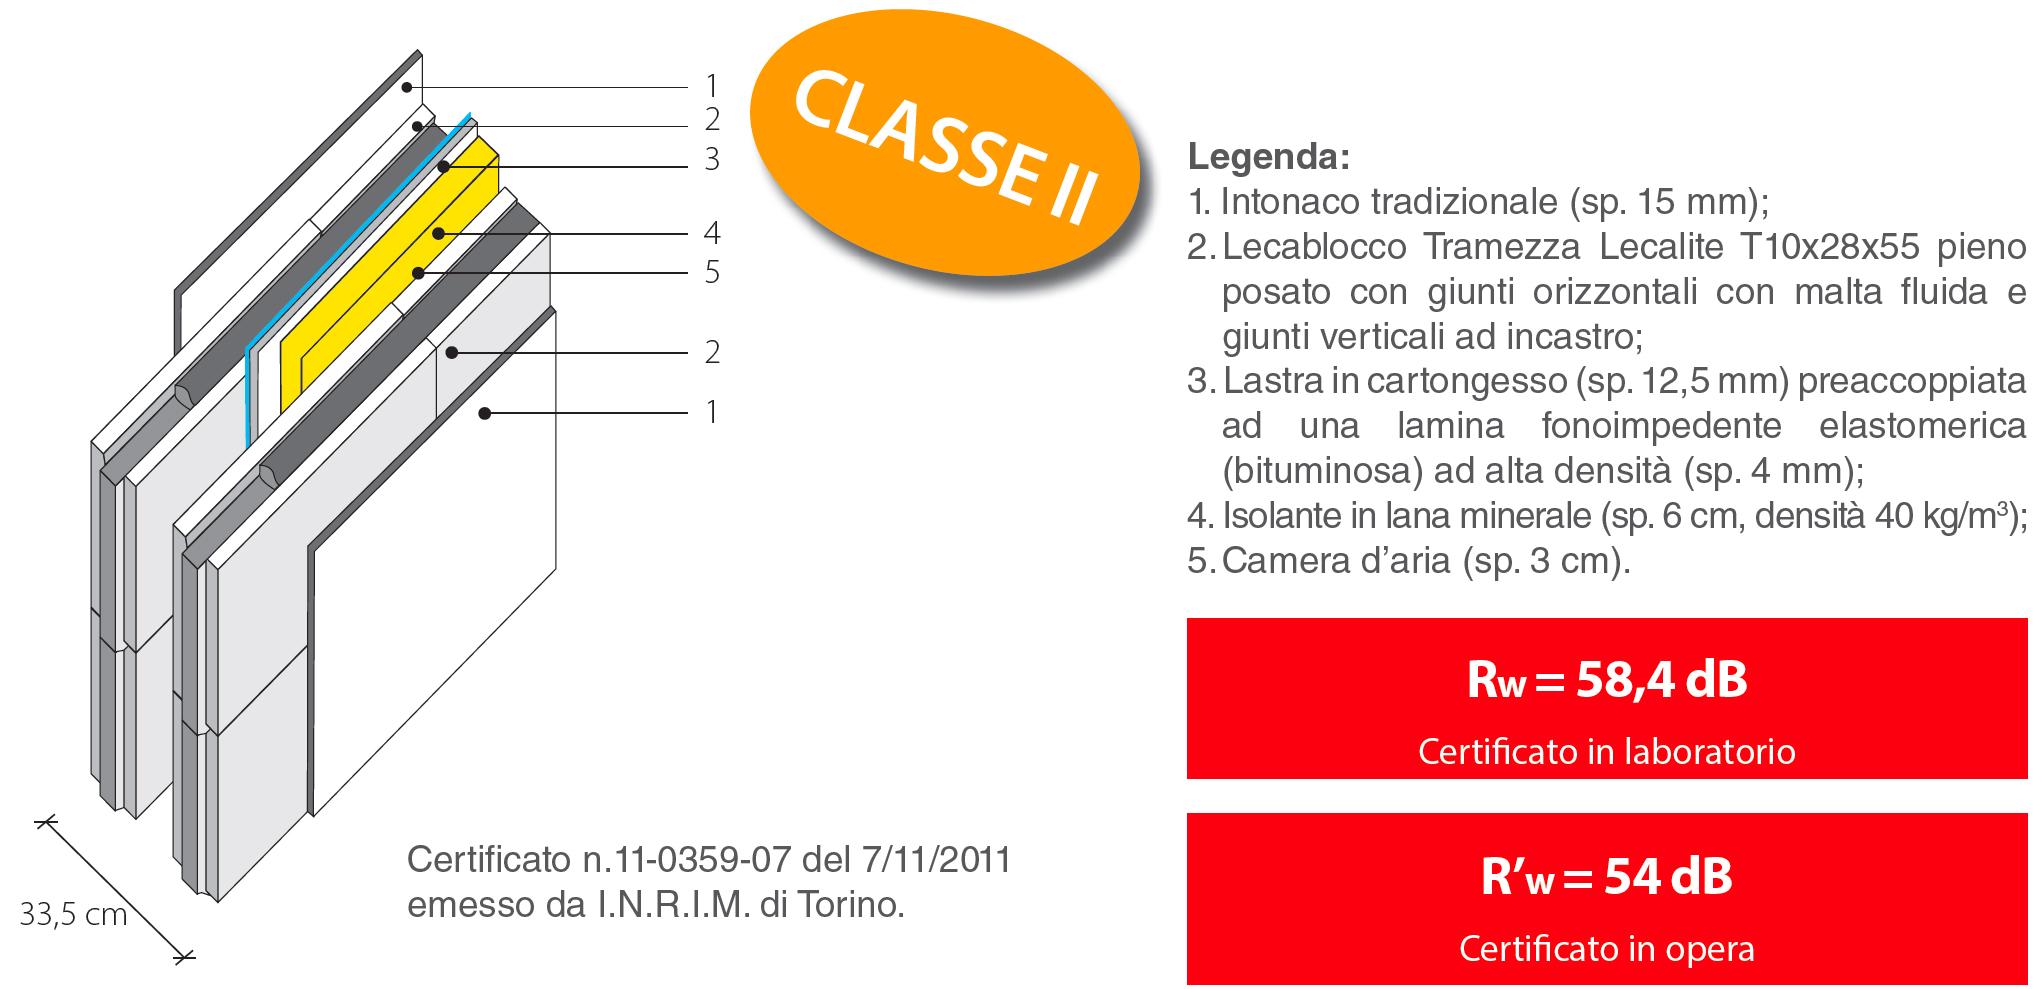 mc113-tramezza-lecalite-parete-doppia